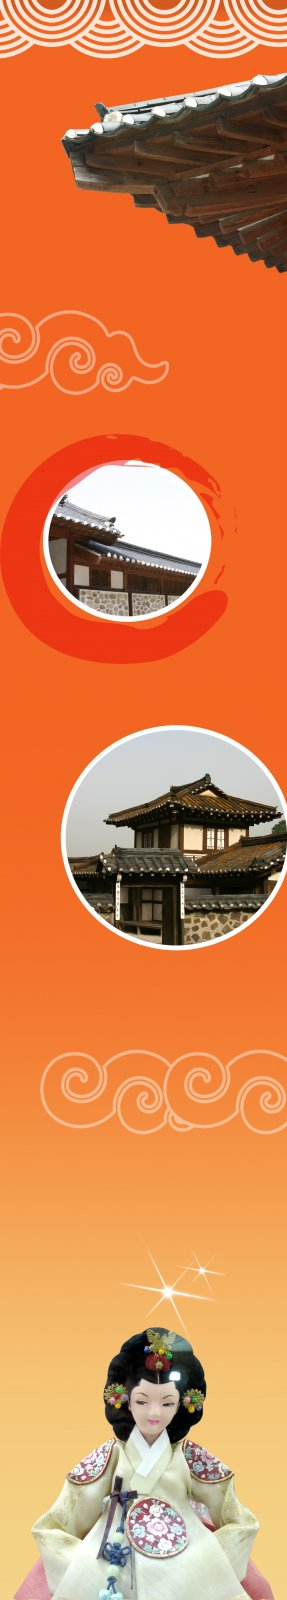 朝鮮族風情展板設計